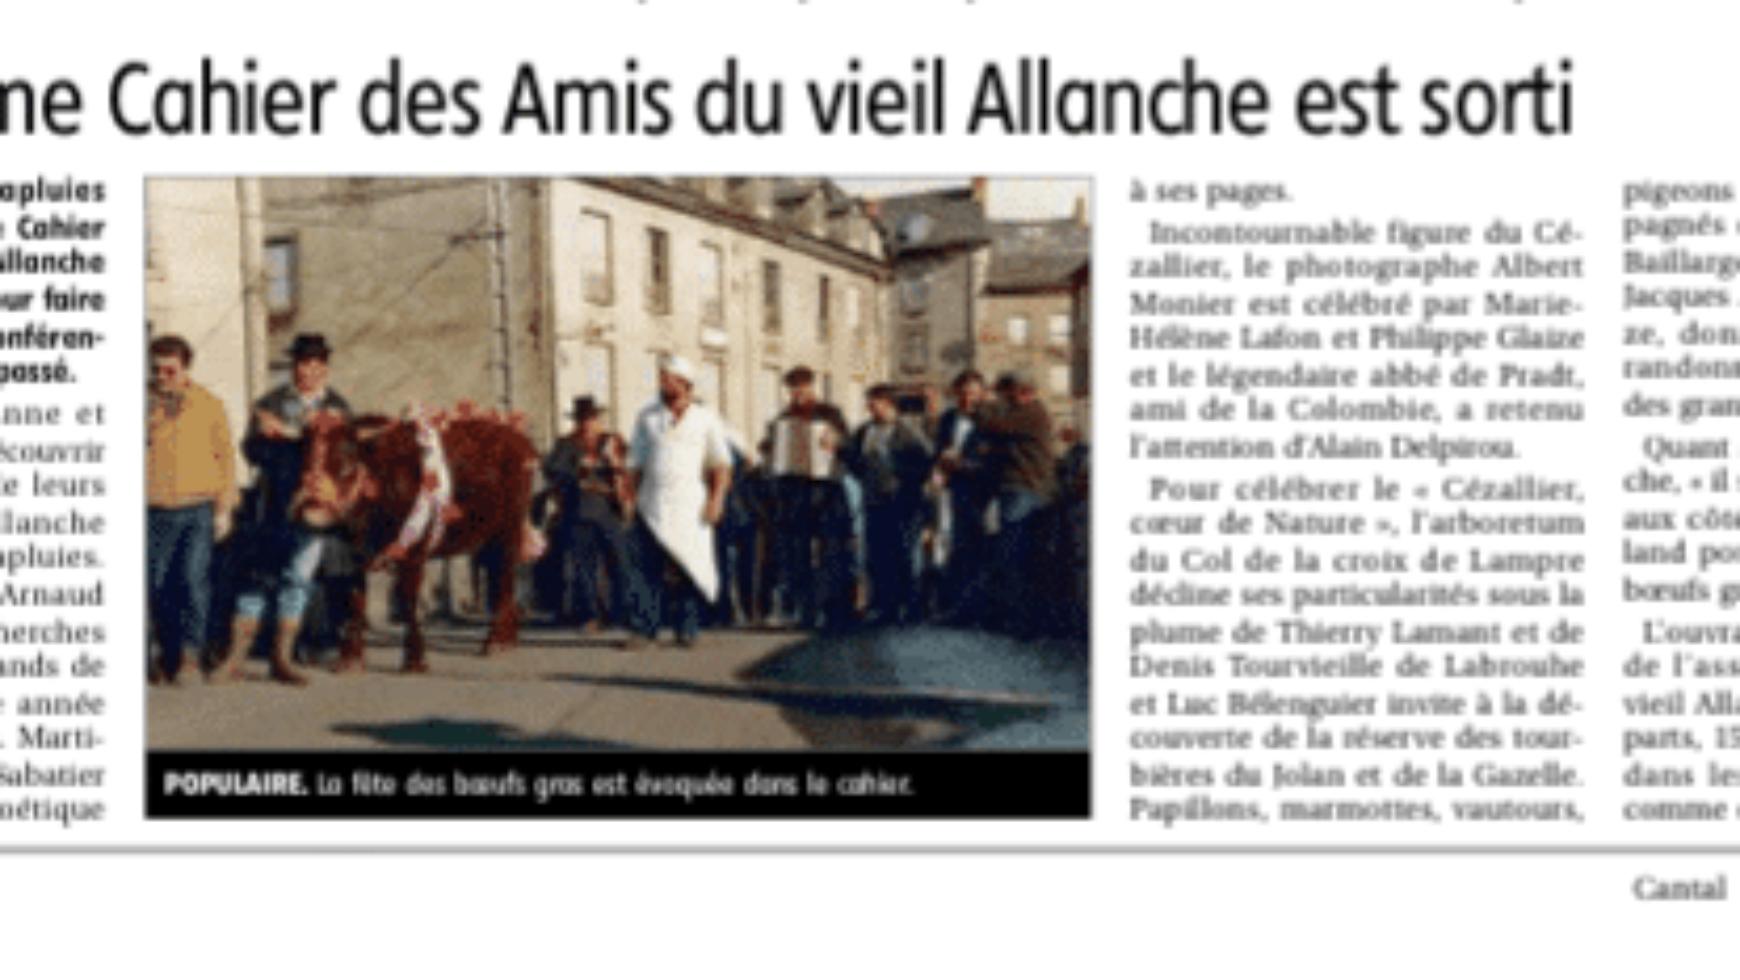 Le treizième Cahier des Amis du vieil Allanche est sorti – La Montagne – 18/19 juillet 2020